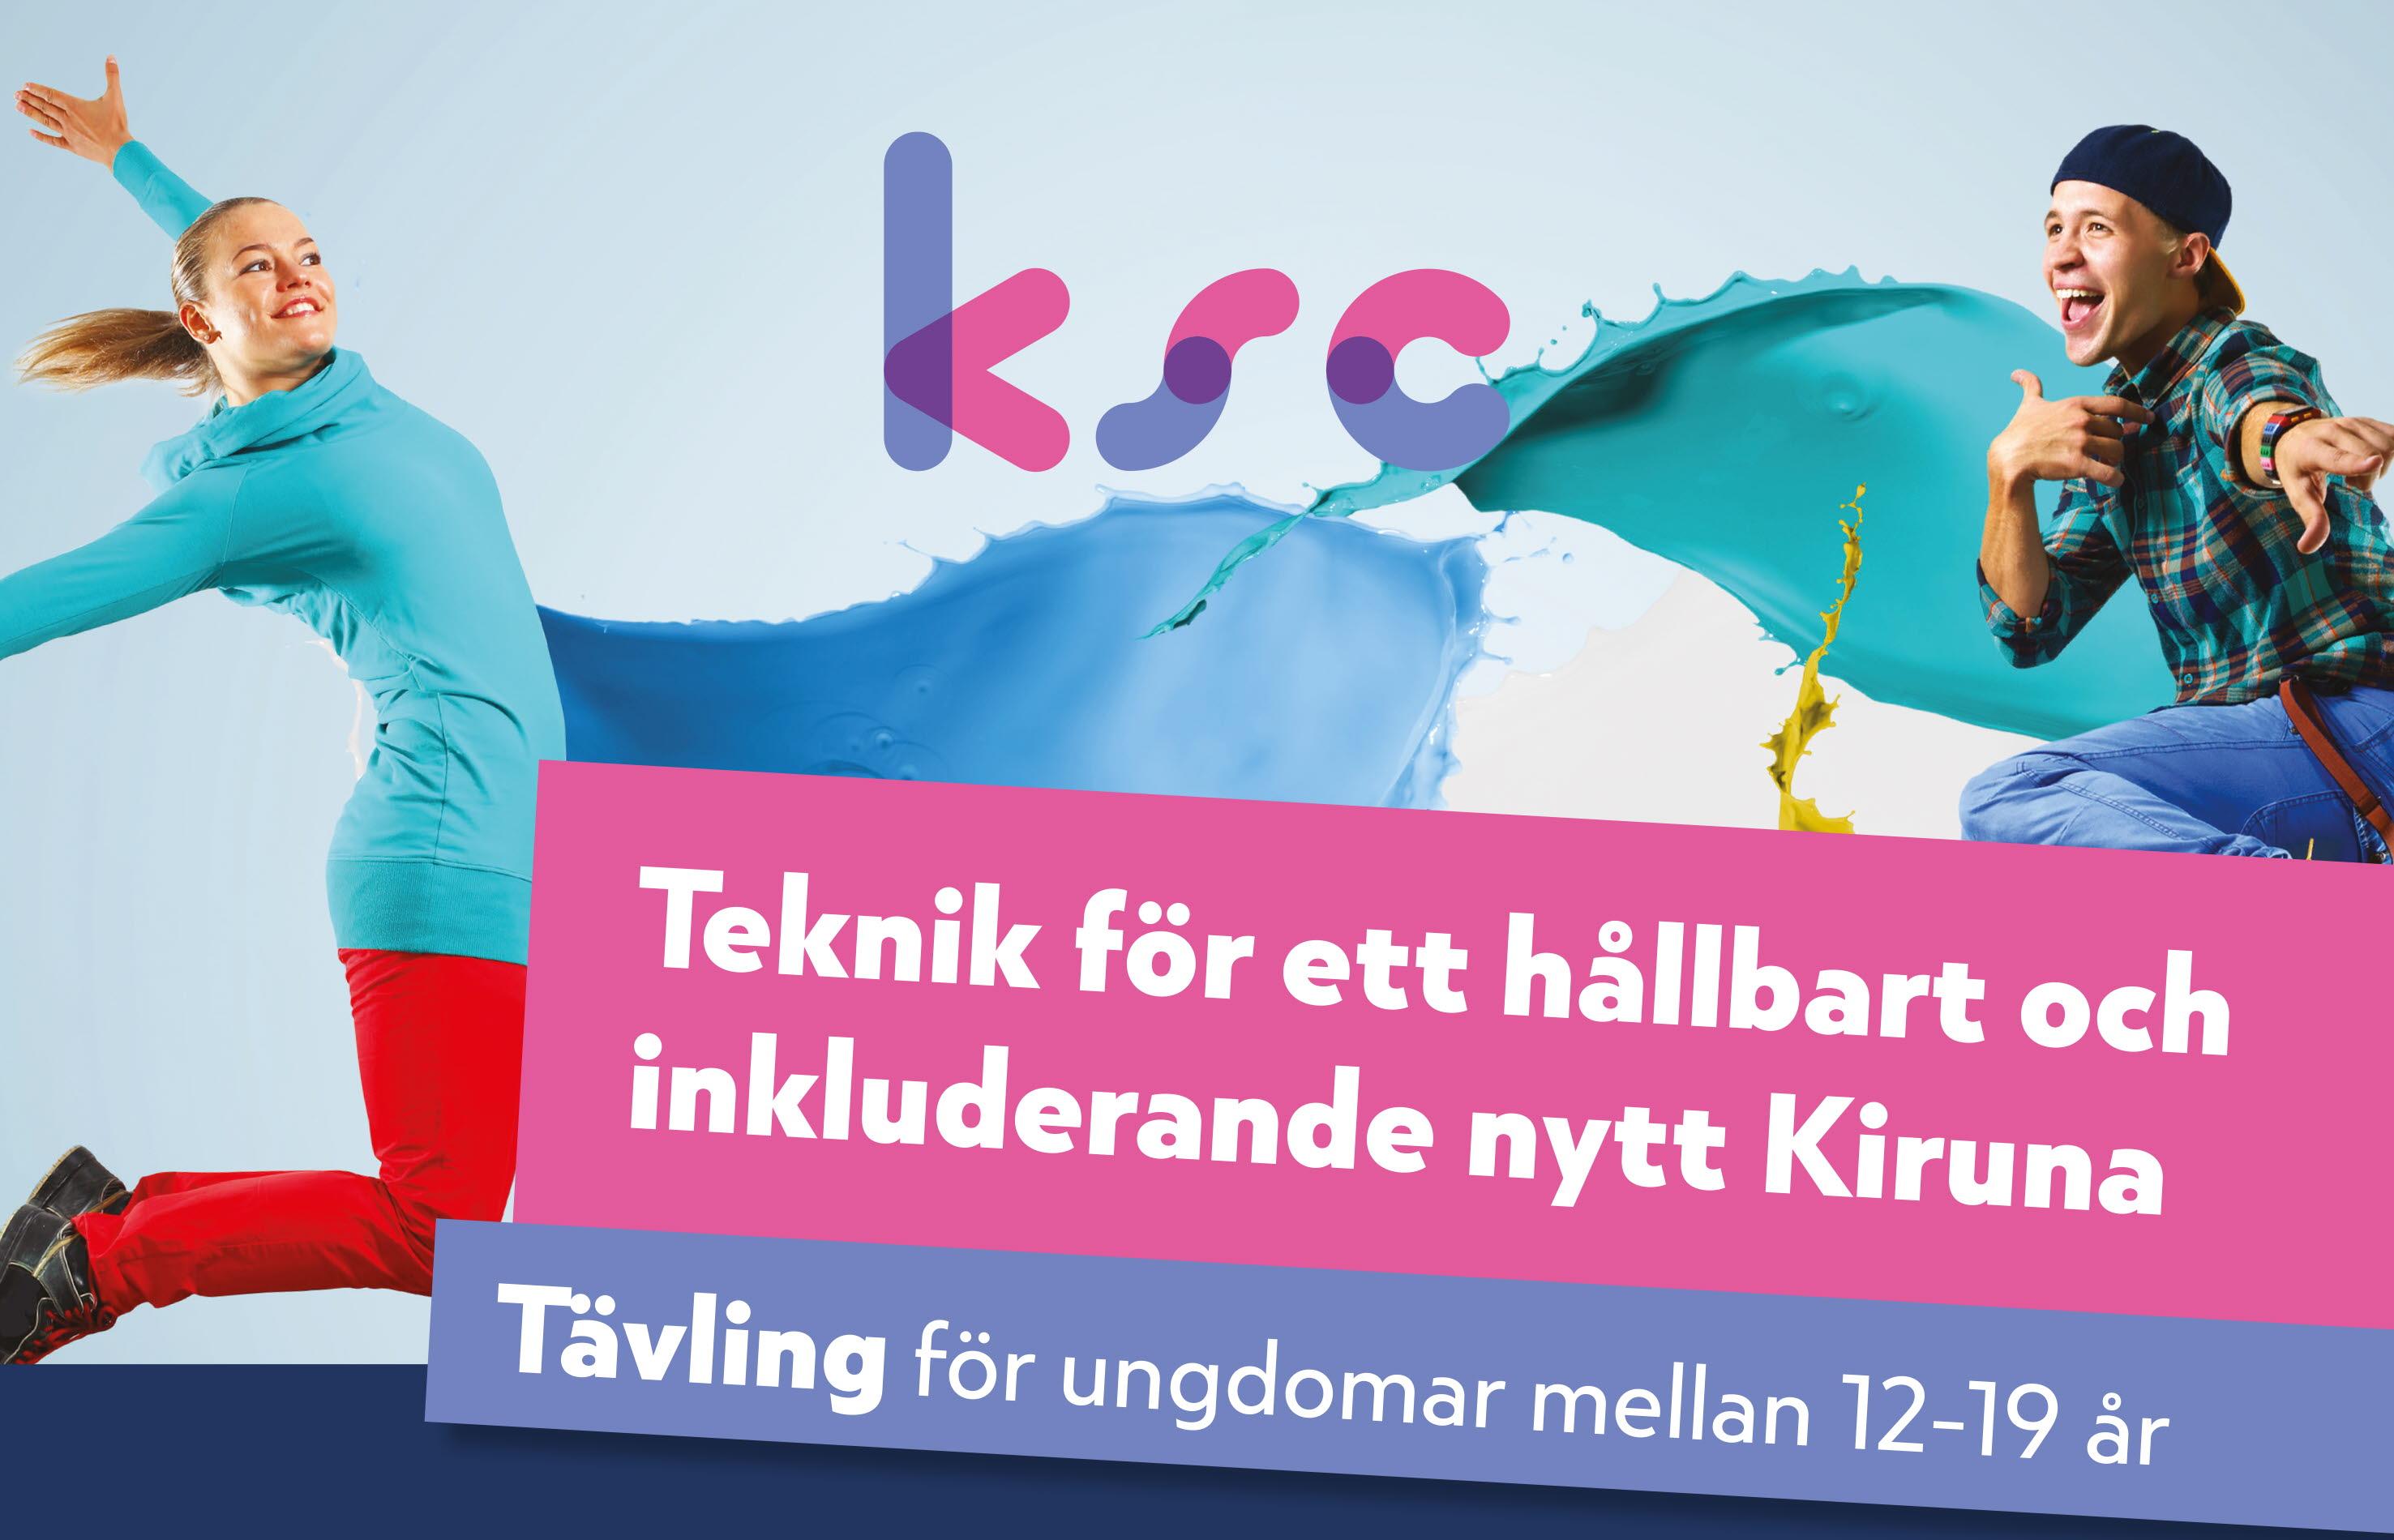 Tekniktävling för ungdomar Kiruna Sustainability Center